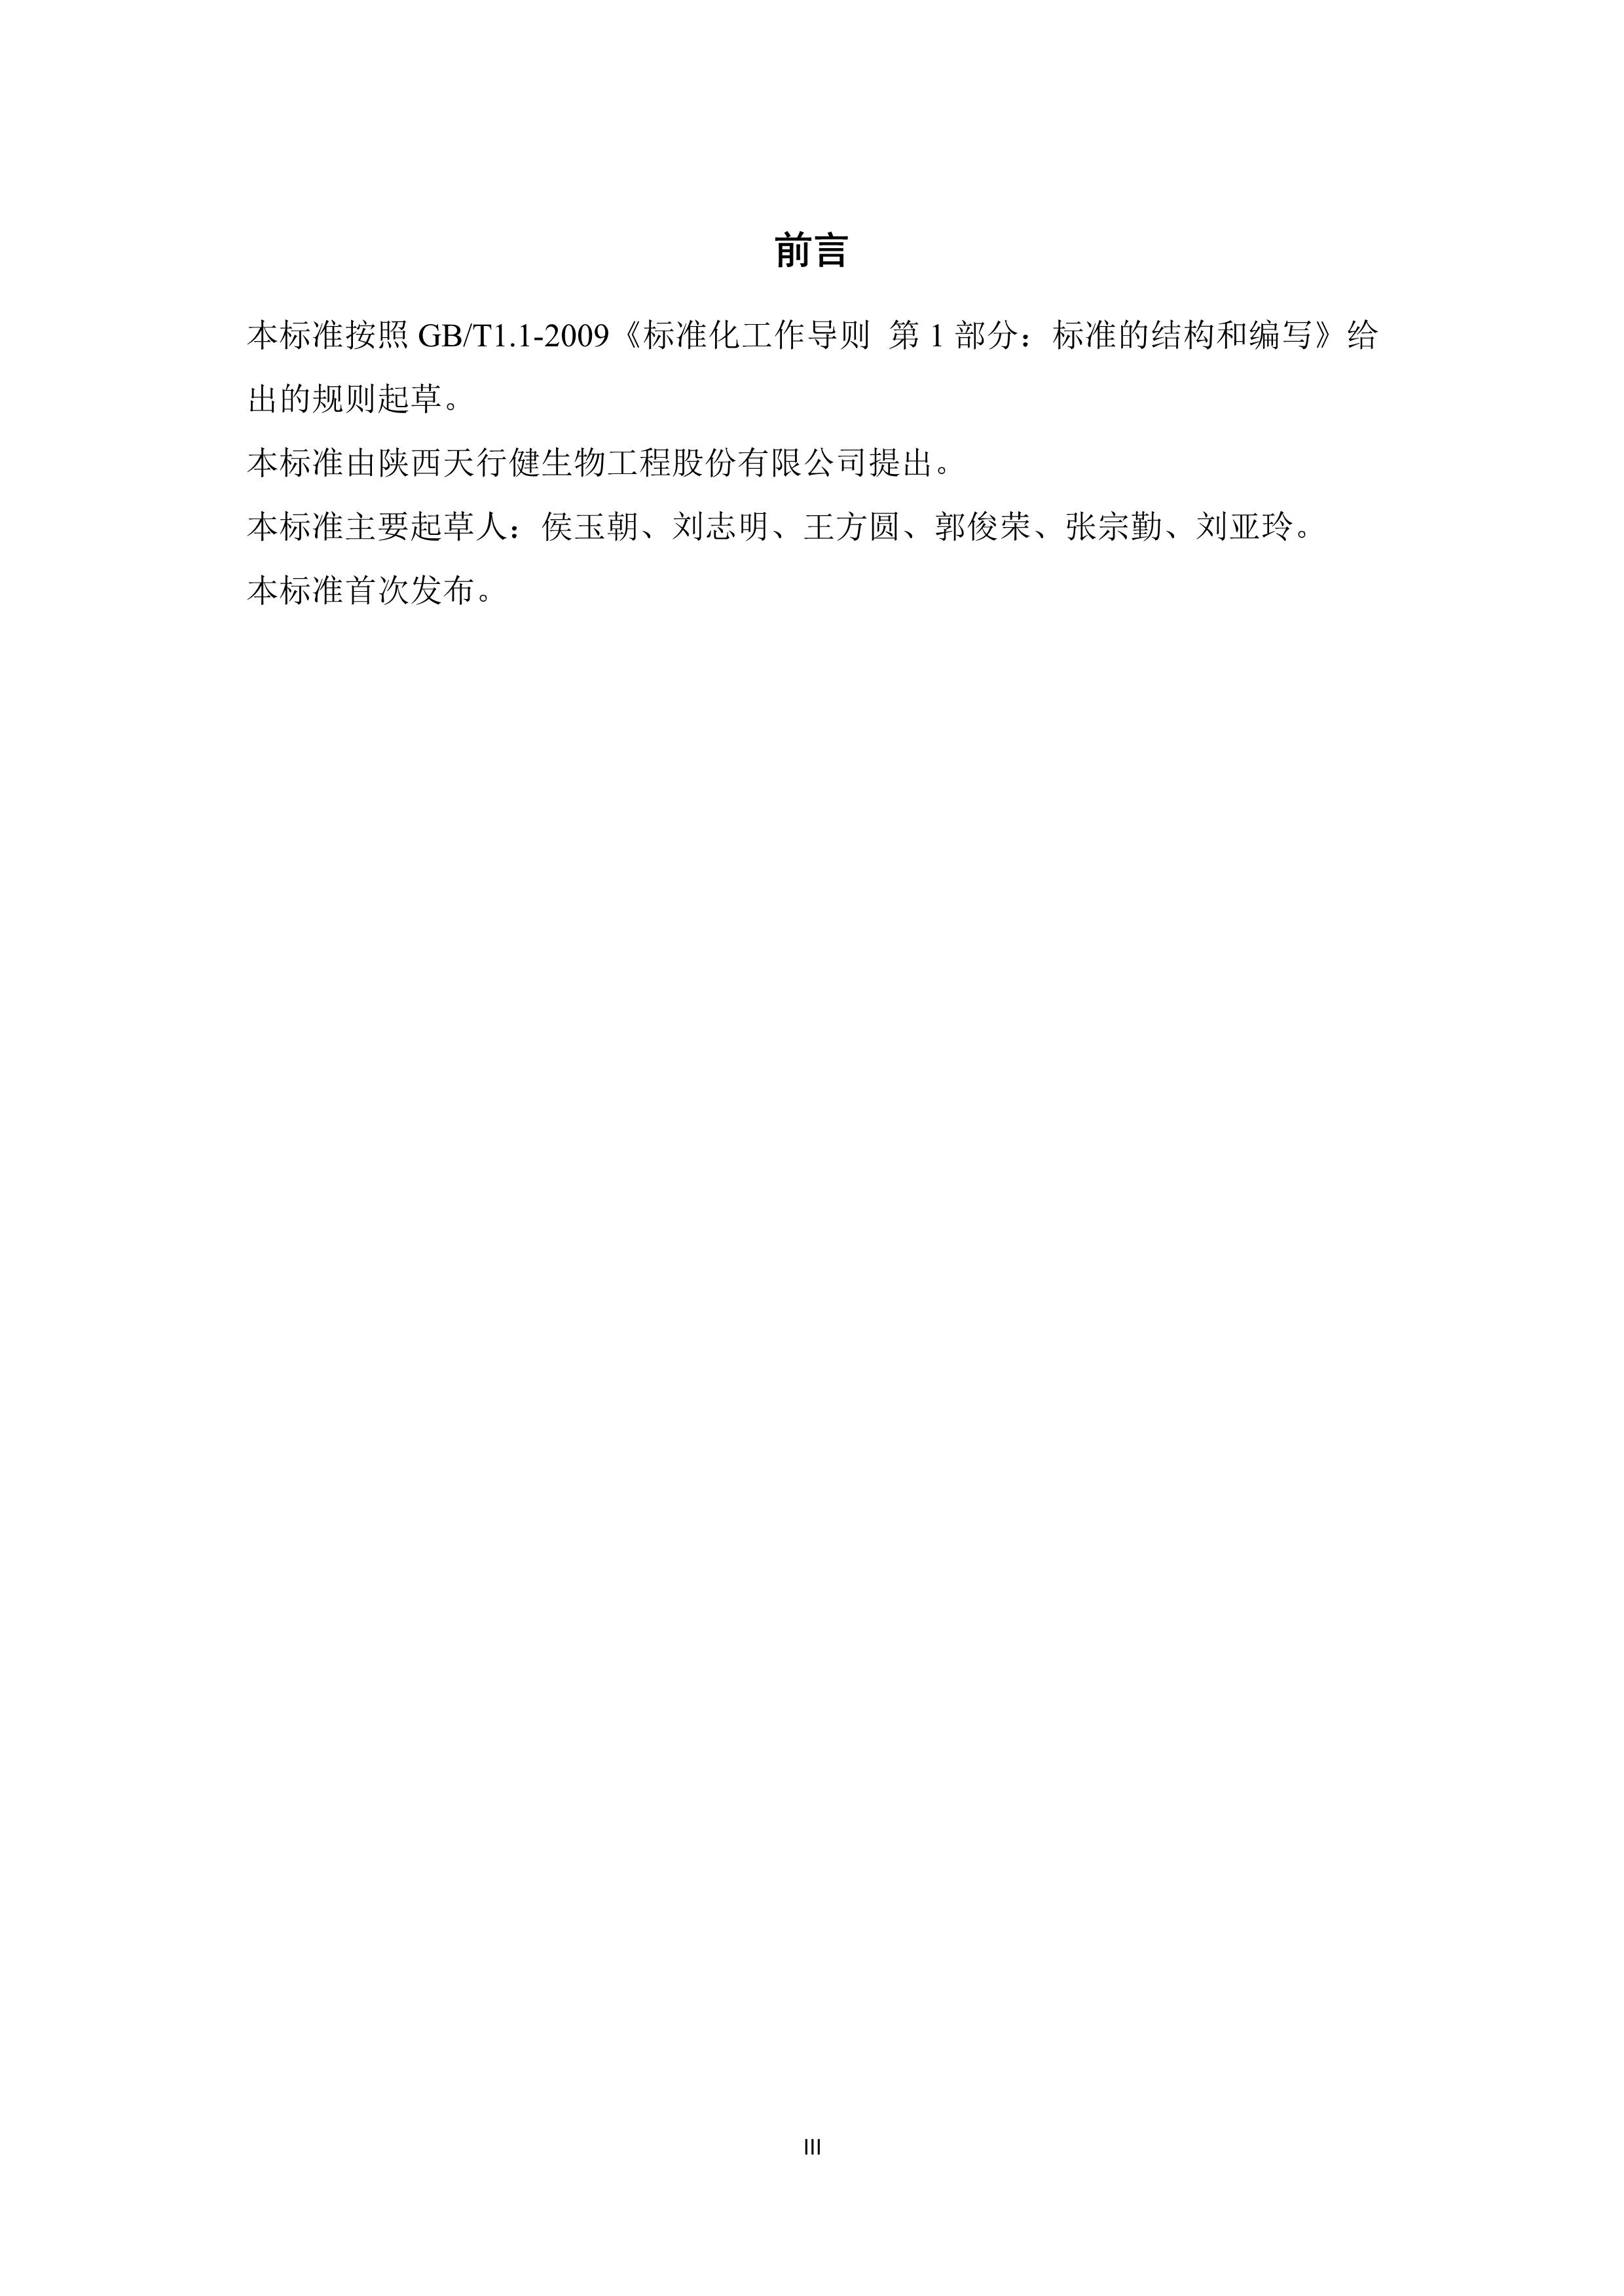 [企业标准]曼地亚红豆杉苗期管理技术规程|企业新闻-陕西省天行健生物工程股份有限公司